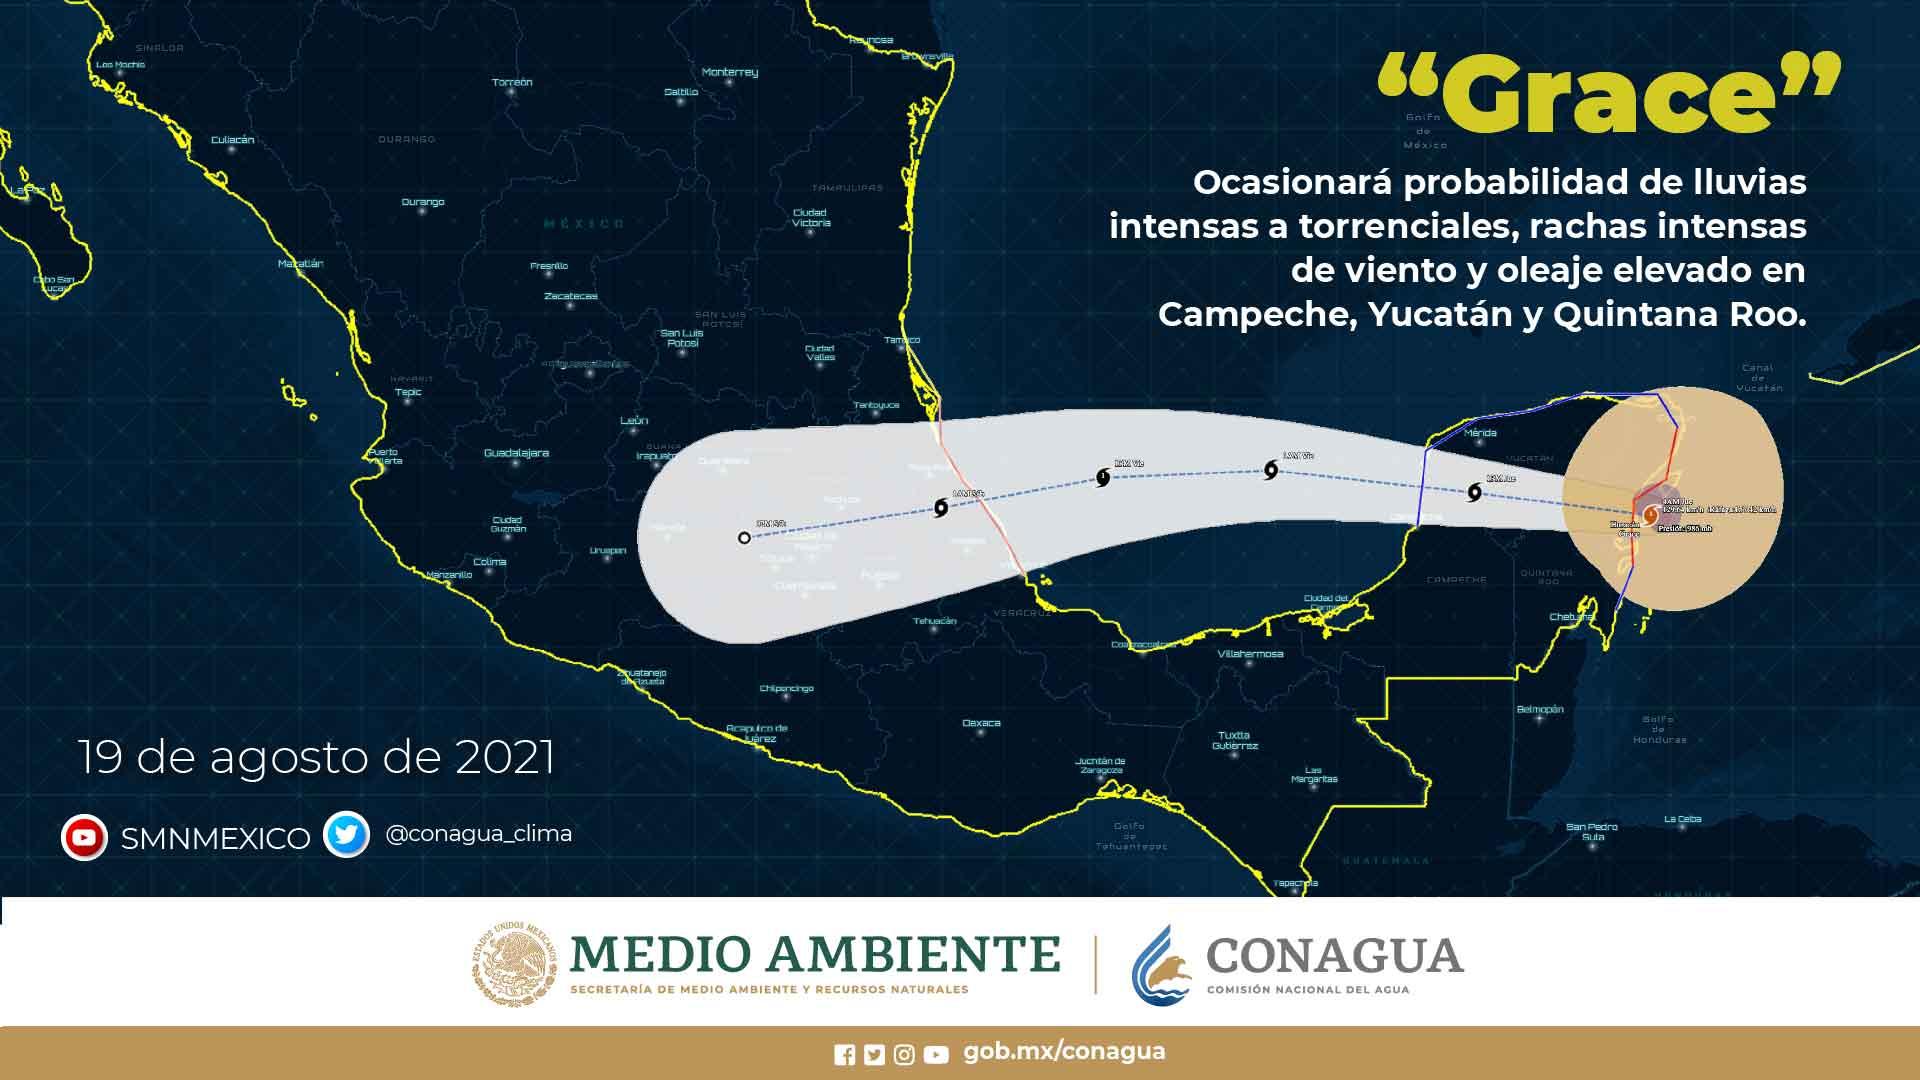 Para hoy, se mantiene el pronóstico de lluvias torrenciales en Campeche, Quintana Roo y Yucatán